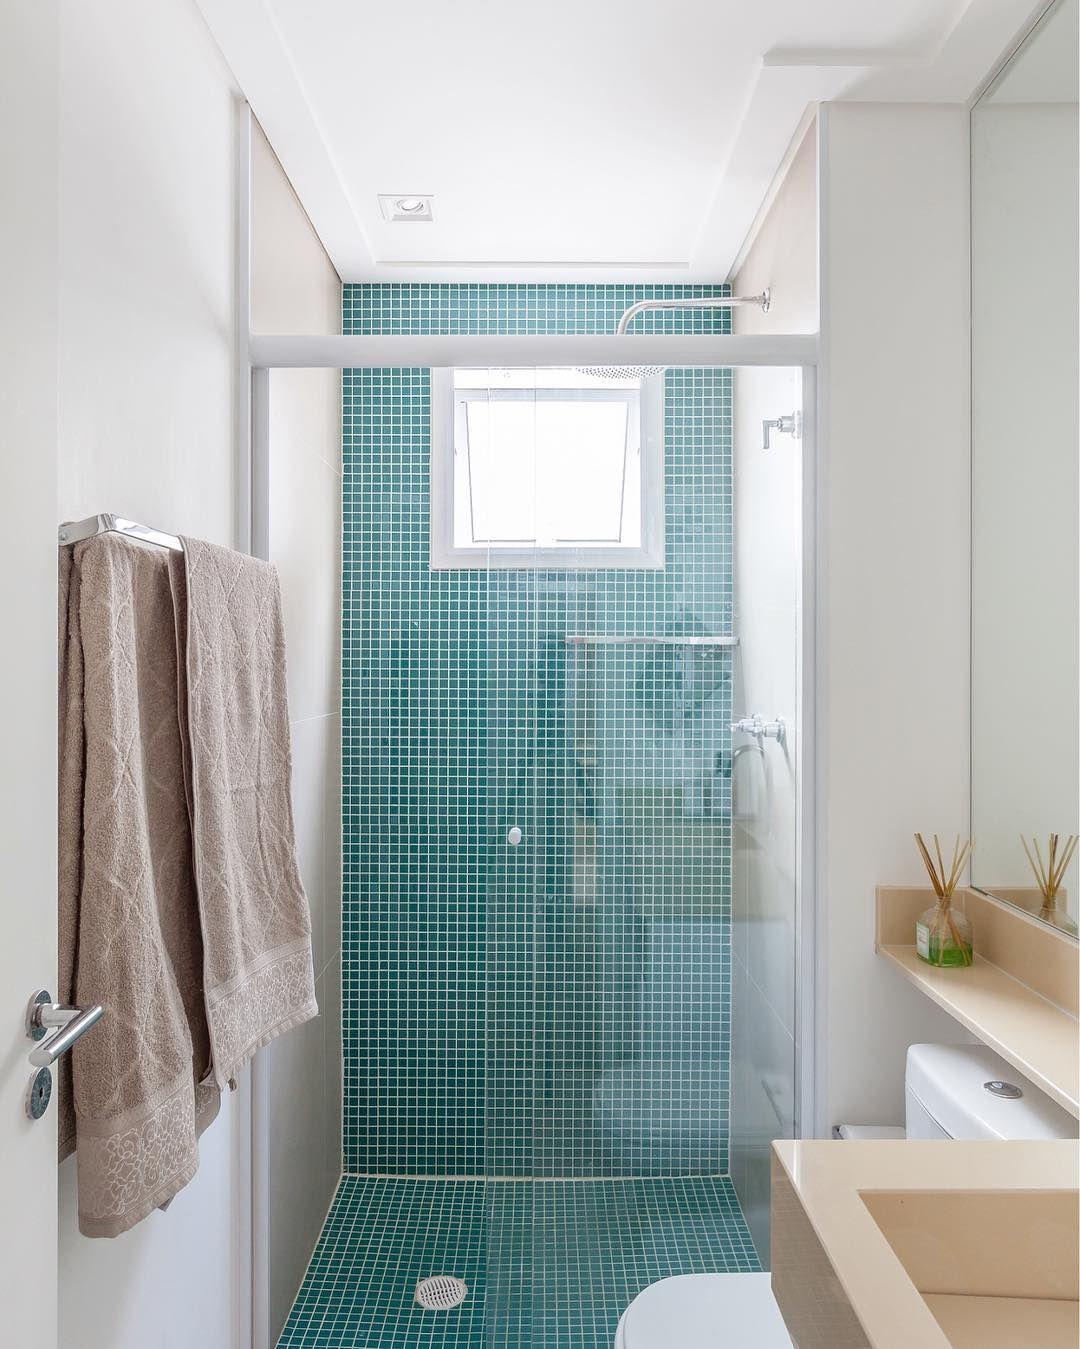 26 desain kamar mandi sederhana minimalis terbaru 2018   dekor rumah